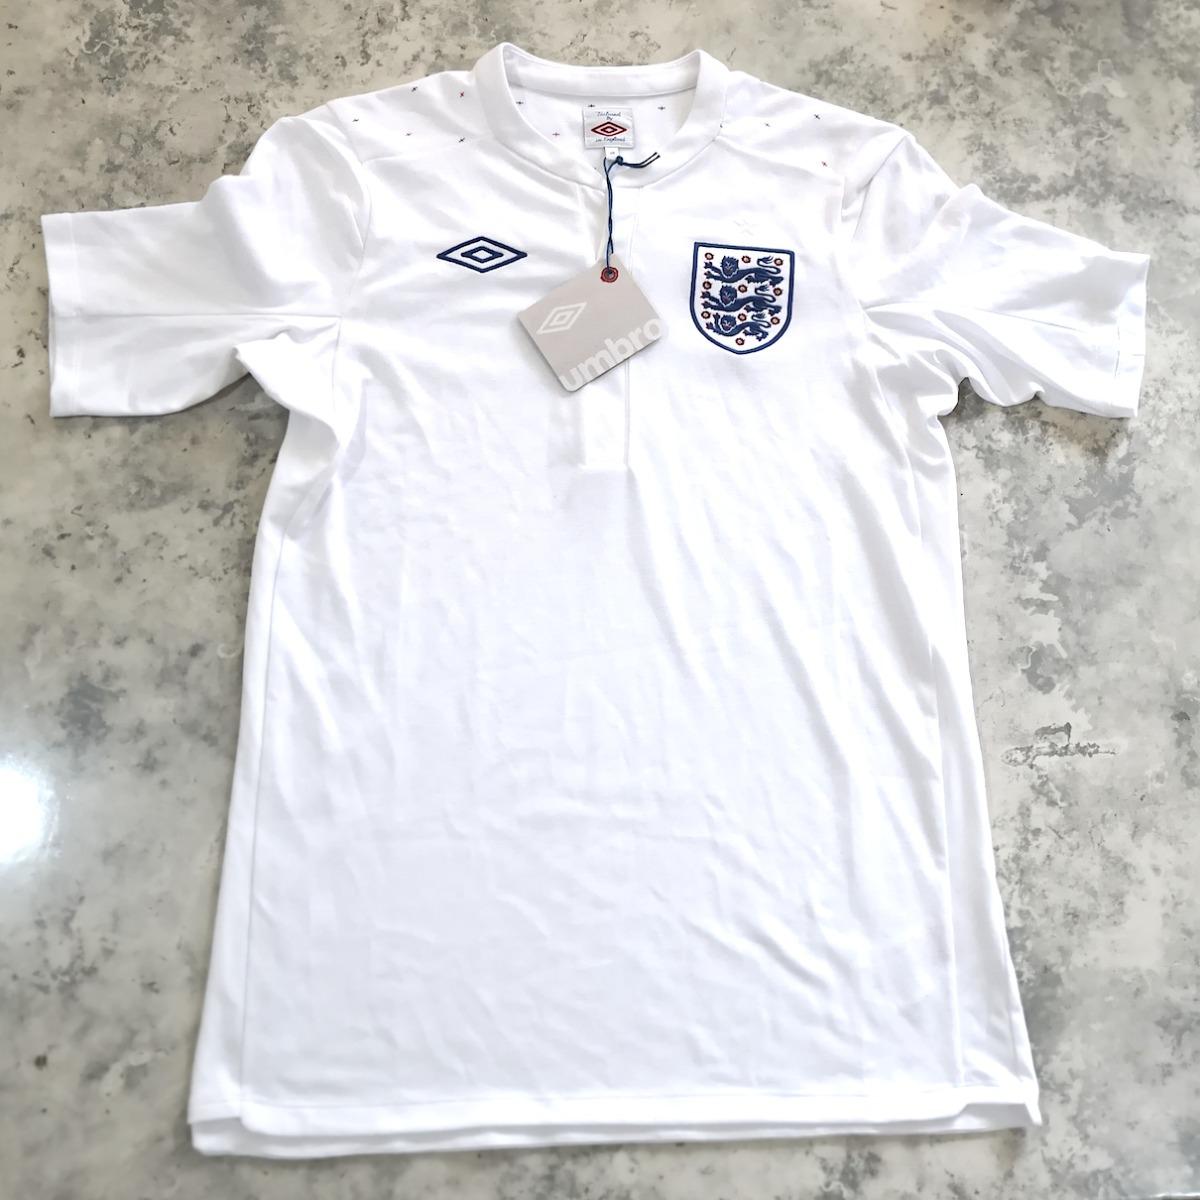 cb05b57be1 camiseta oficial inglaterra umbro - modelo clássico único ml. Carregando  zoom.